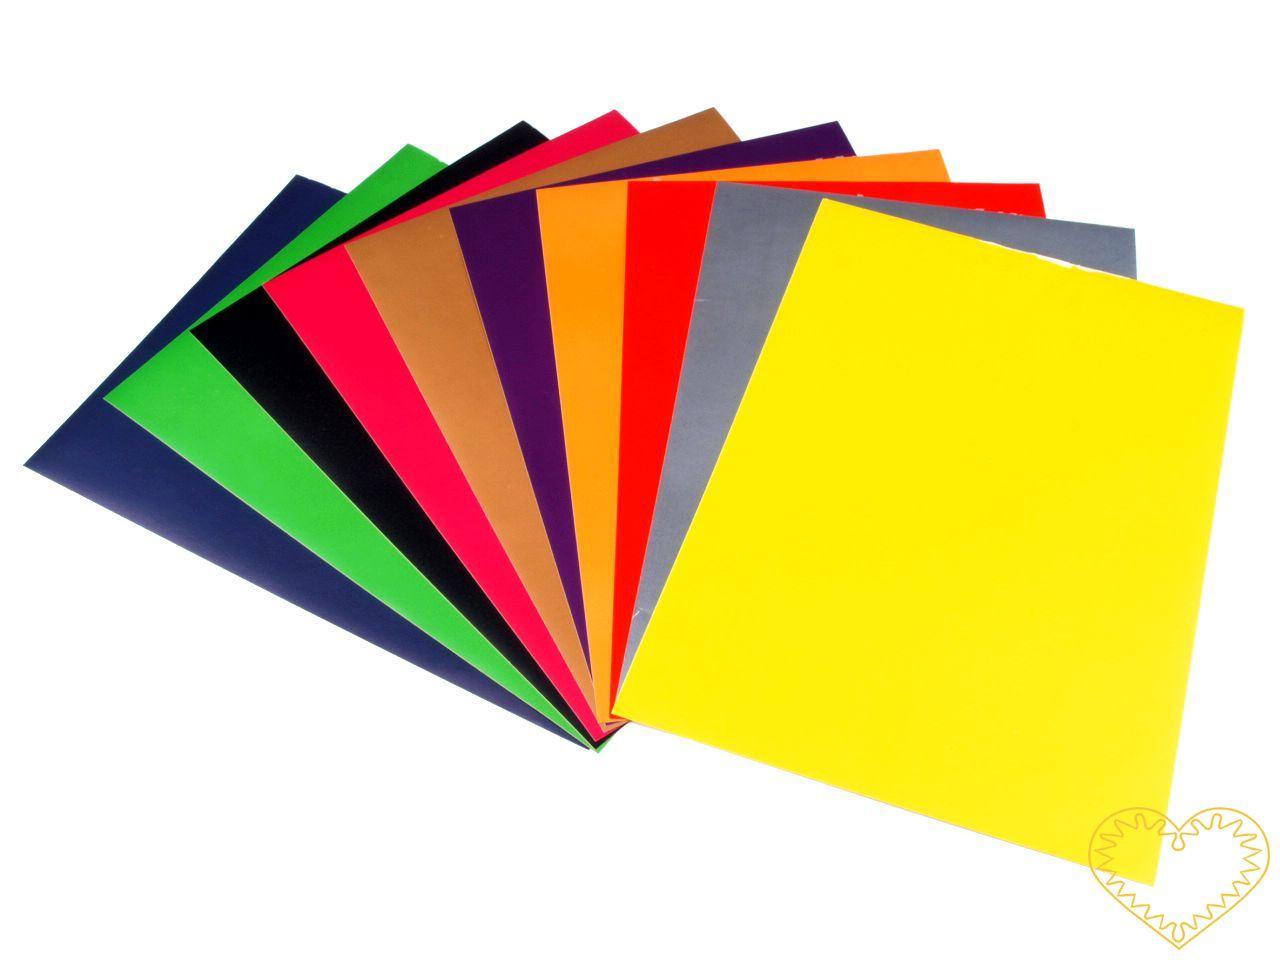 Samolepící barevný papír - sada 10 ks různobarevných papírů rozměru 21 x 29 cm. Je o něco silnější než běžný barevný papír. Samolepící papír o této tloušťce se dobře stříhá ozdobnými nůžkami a snadno jej vložíte i do raznice. Vhodné pro scrapbooking,